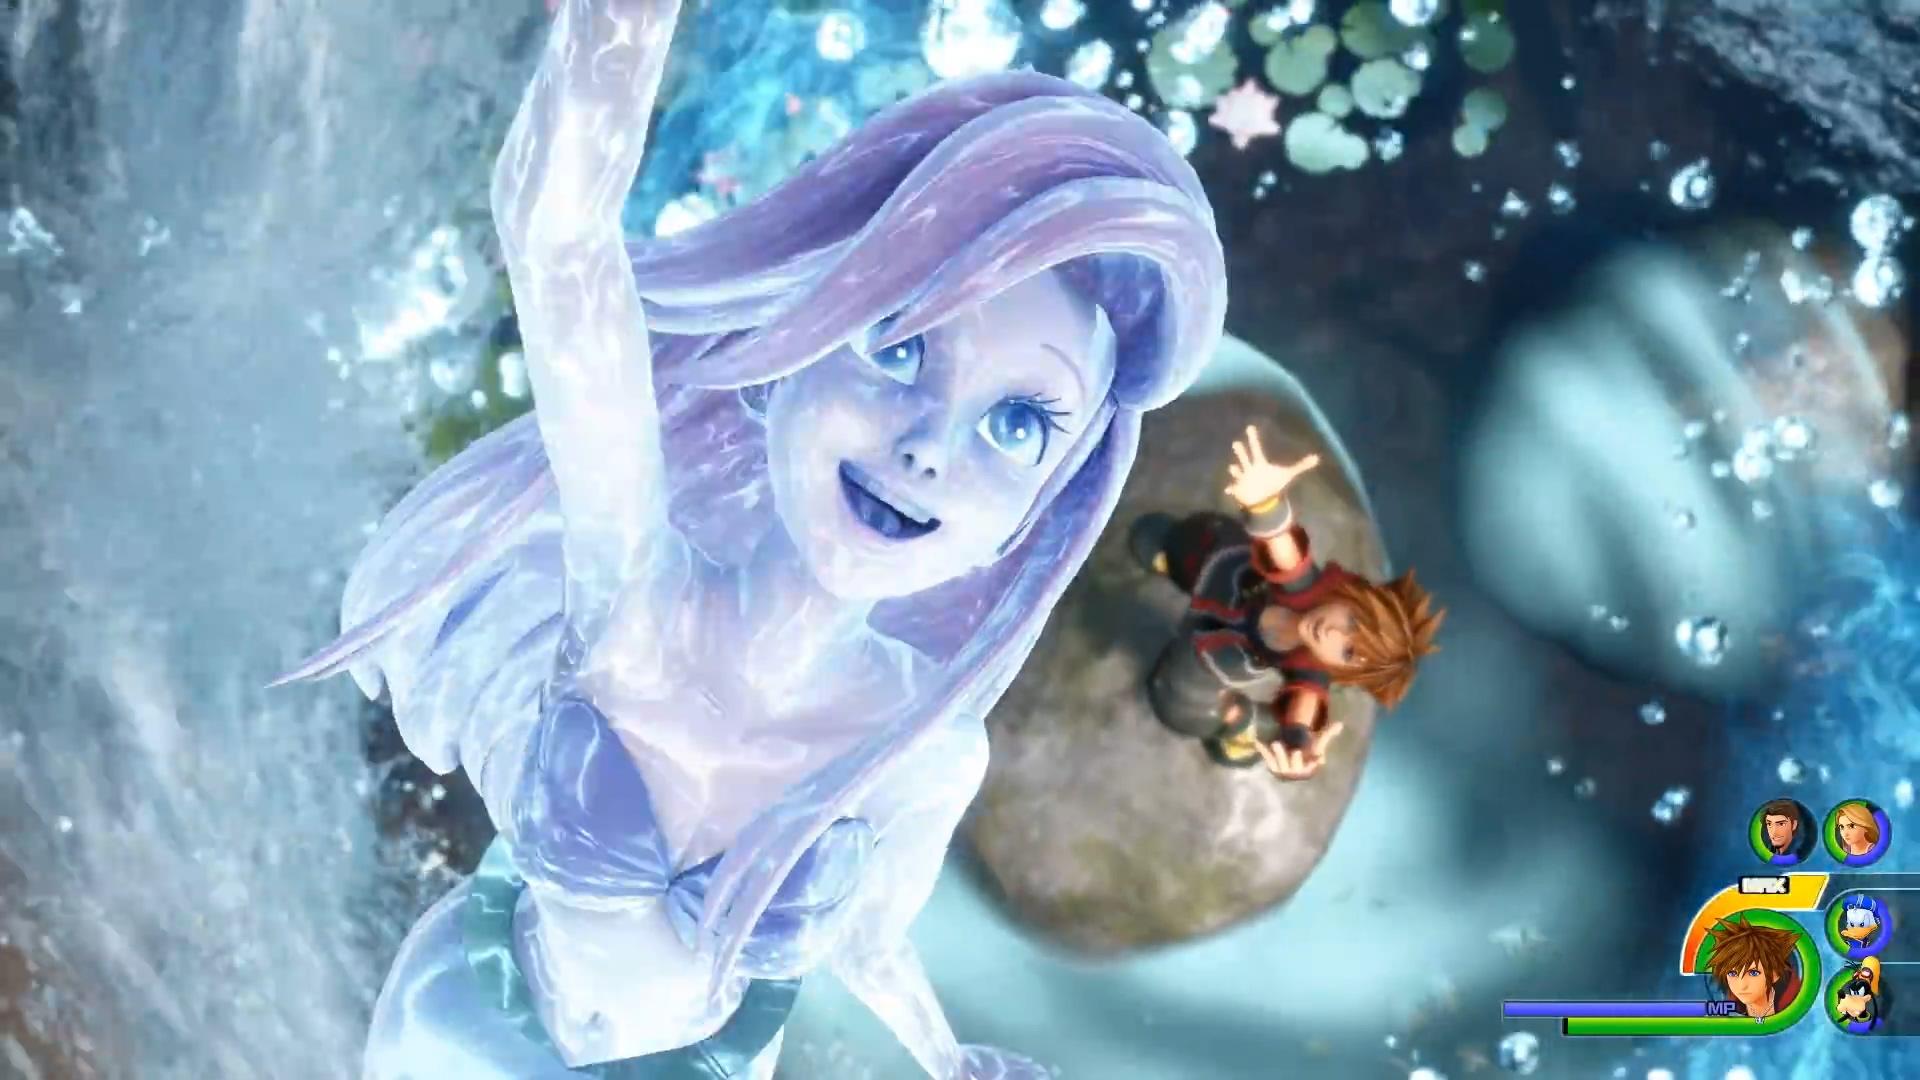 《王国之心3》玩法介绍视频 迪士尼世界让人目不暇接